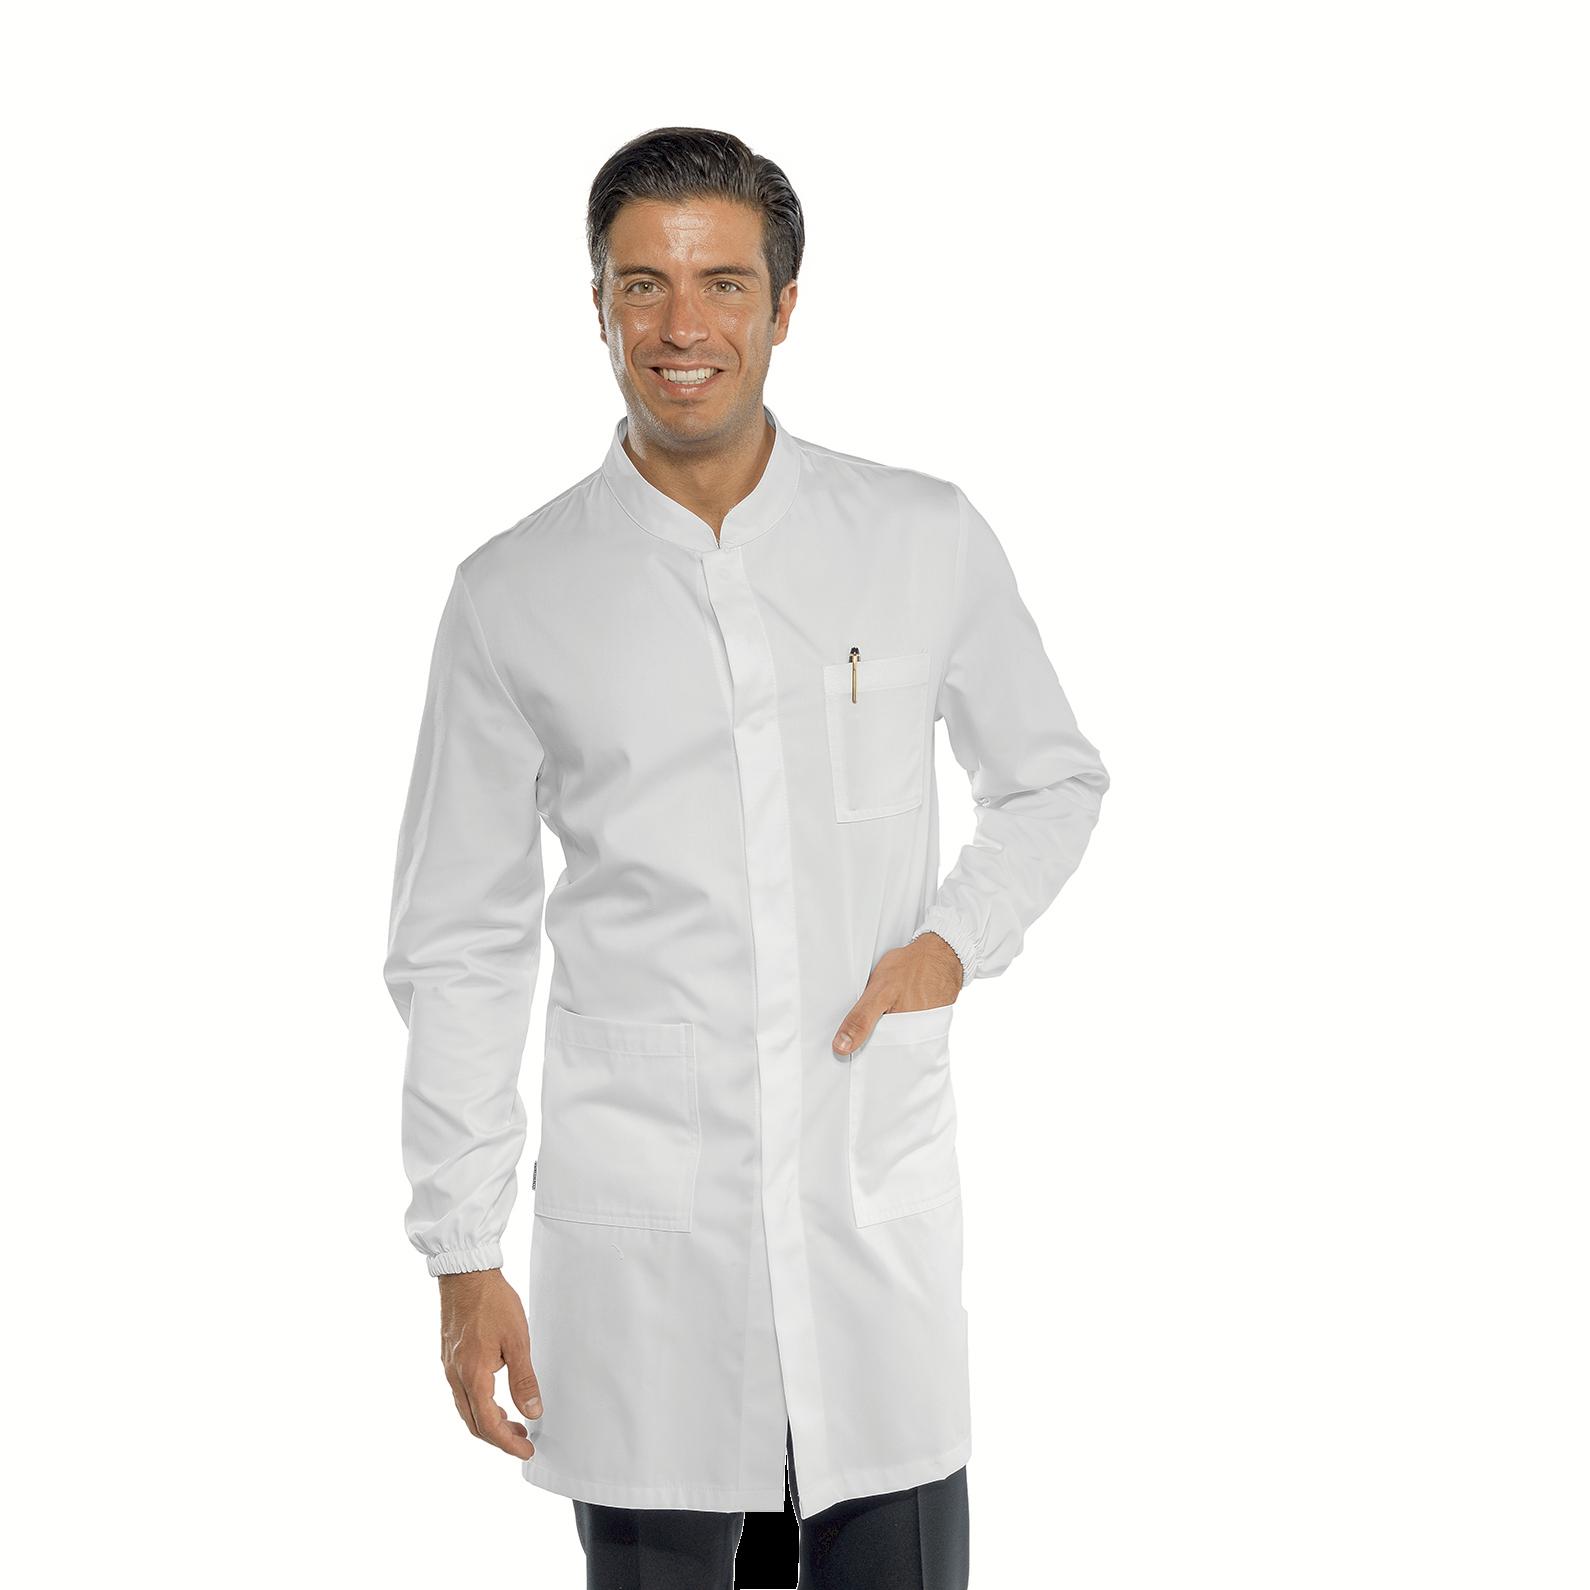 Manica Lunga Bottoni a pressione Bianco Isacco Camice Uomo 100/% Cotone M Isacco Bianco